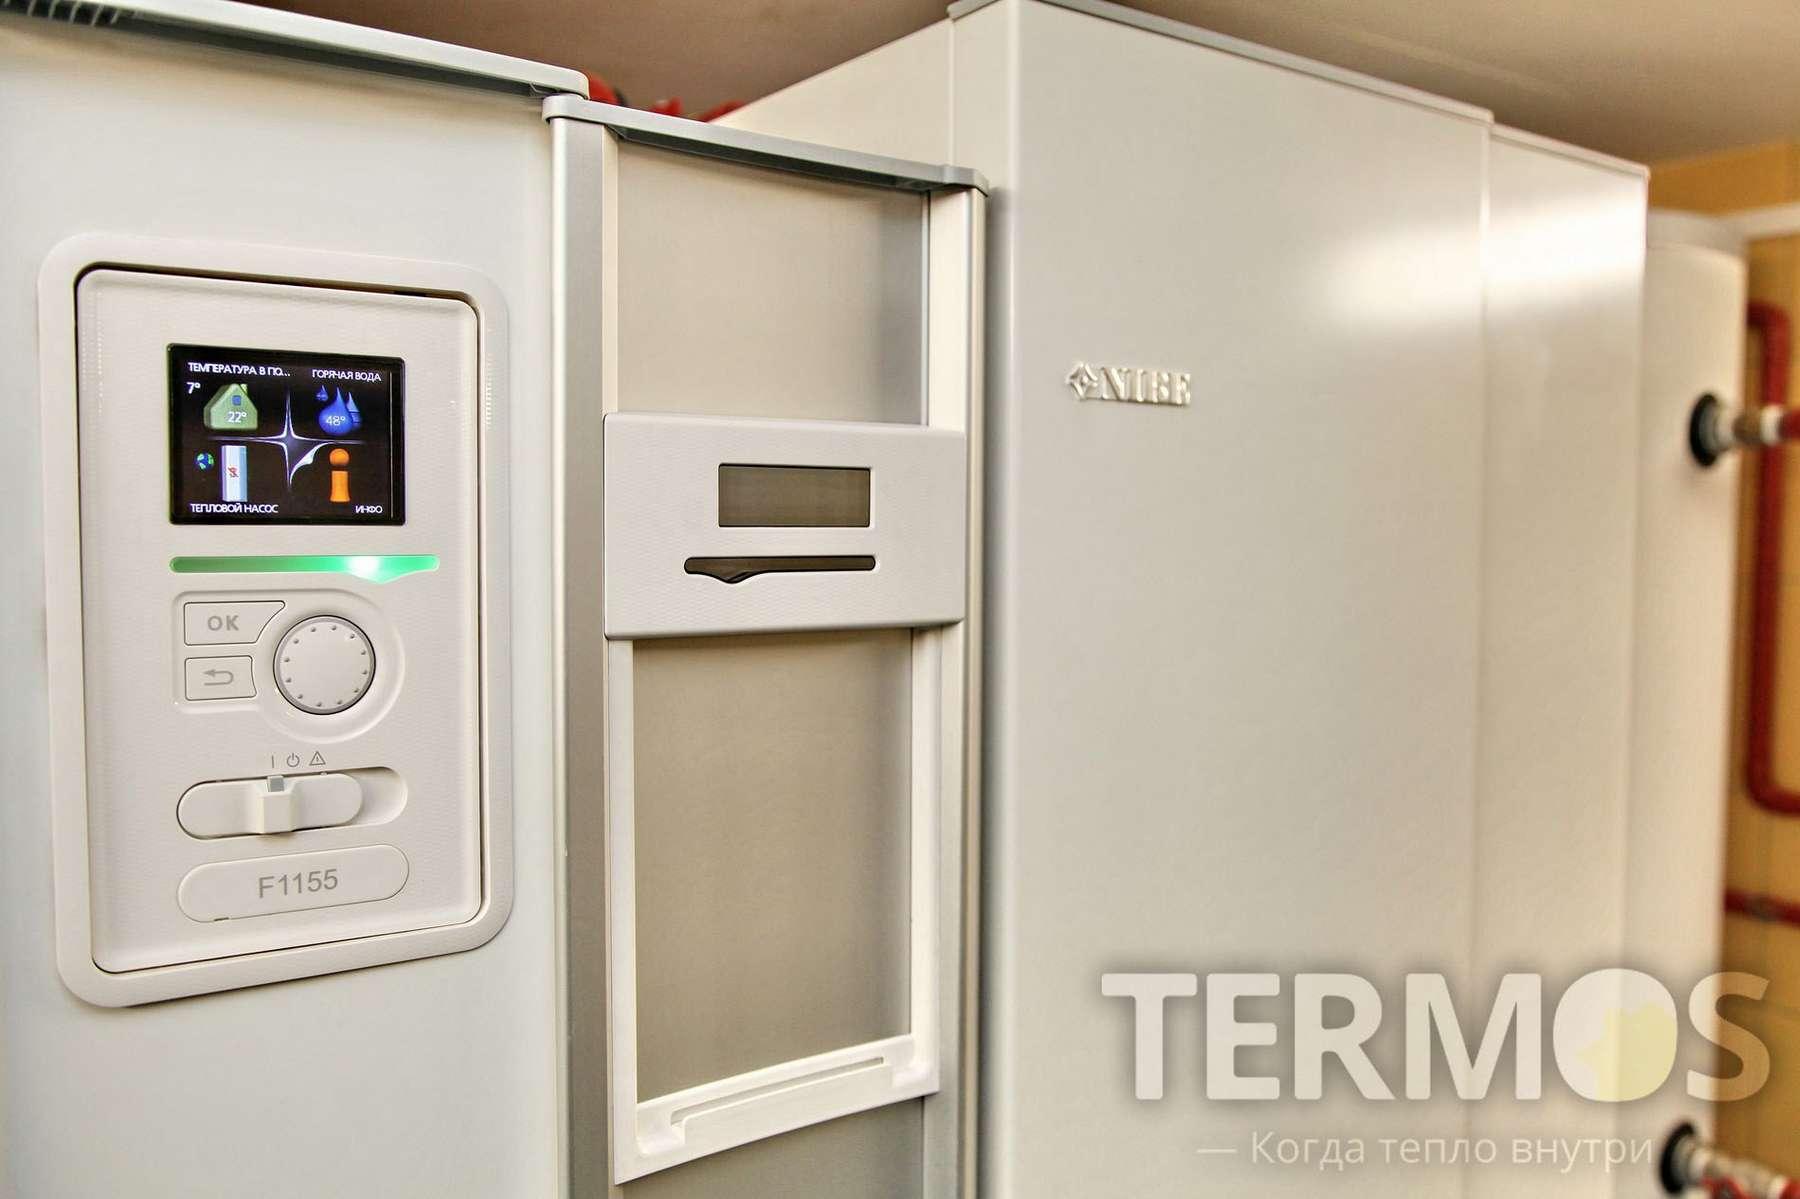 Сумы. Дом 350 кв м. Эффективная система отопления на геотермальном тепловом насосе NIBE F1155 16 кВт, c коэффициентом COP – 5,12